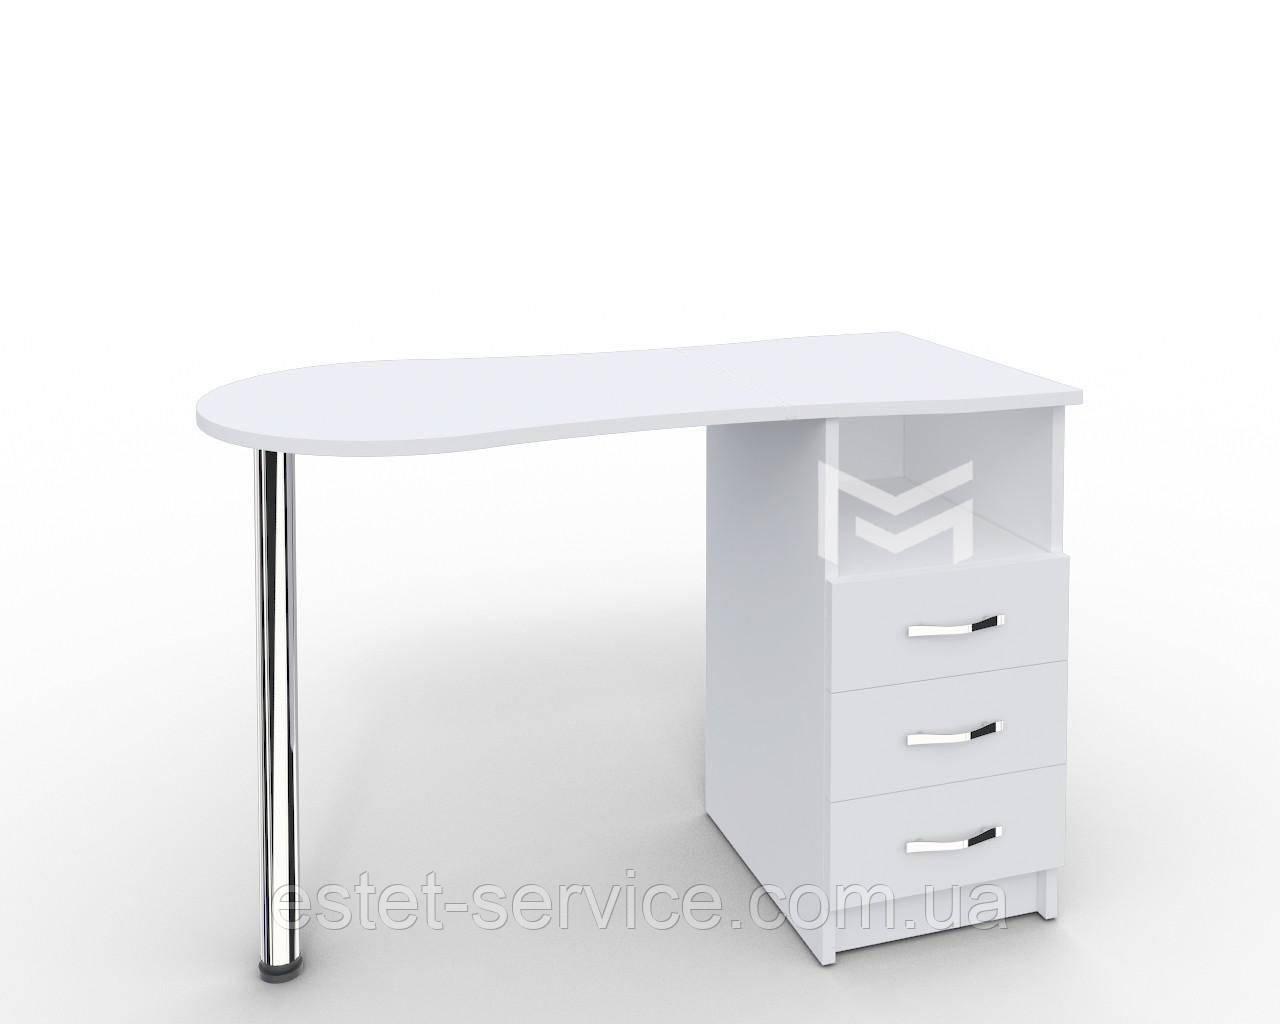 Элегантный маникюрный стол, стационарный. Модель Естет белый c выдвижными ящиками М100